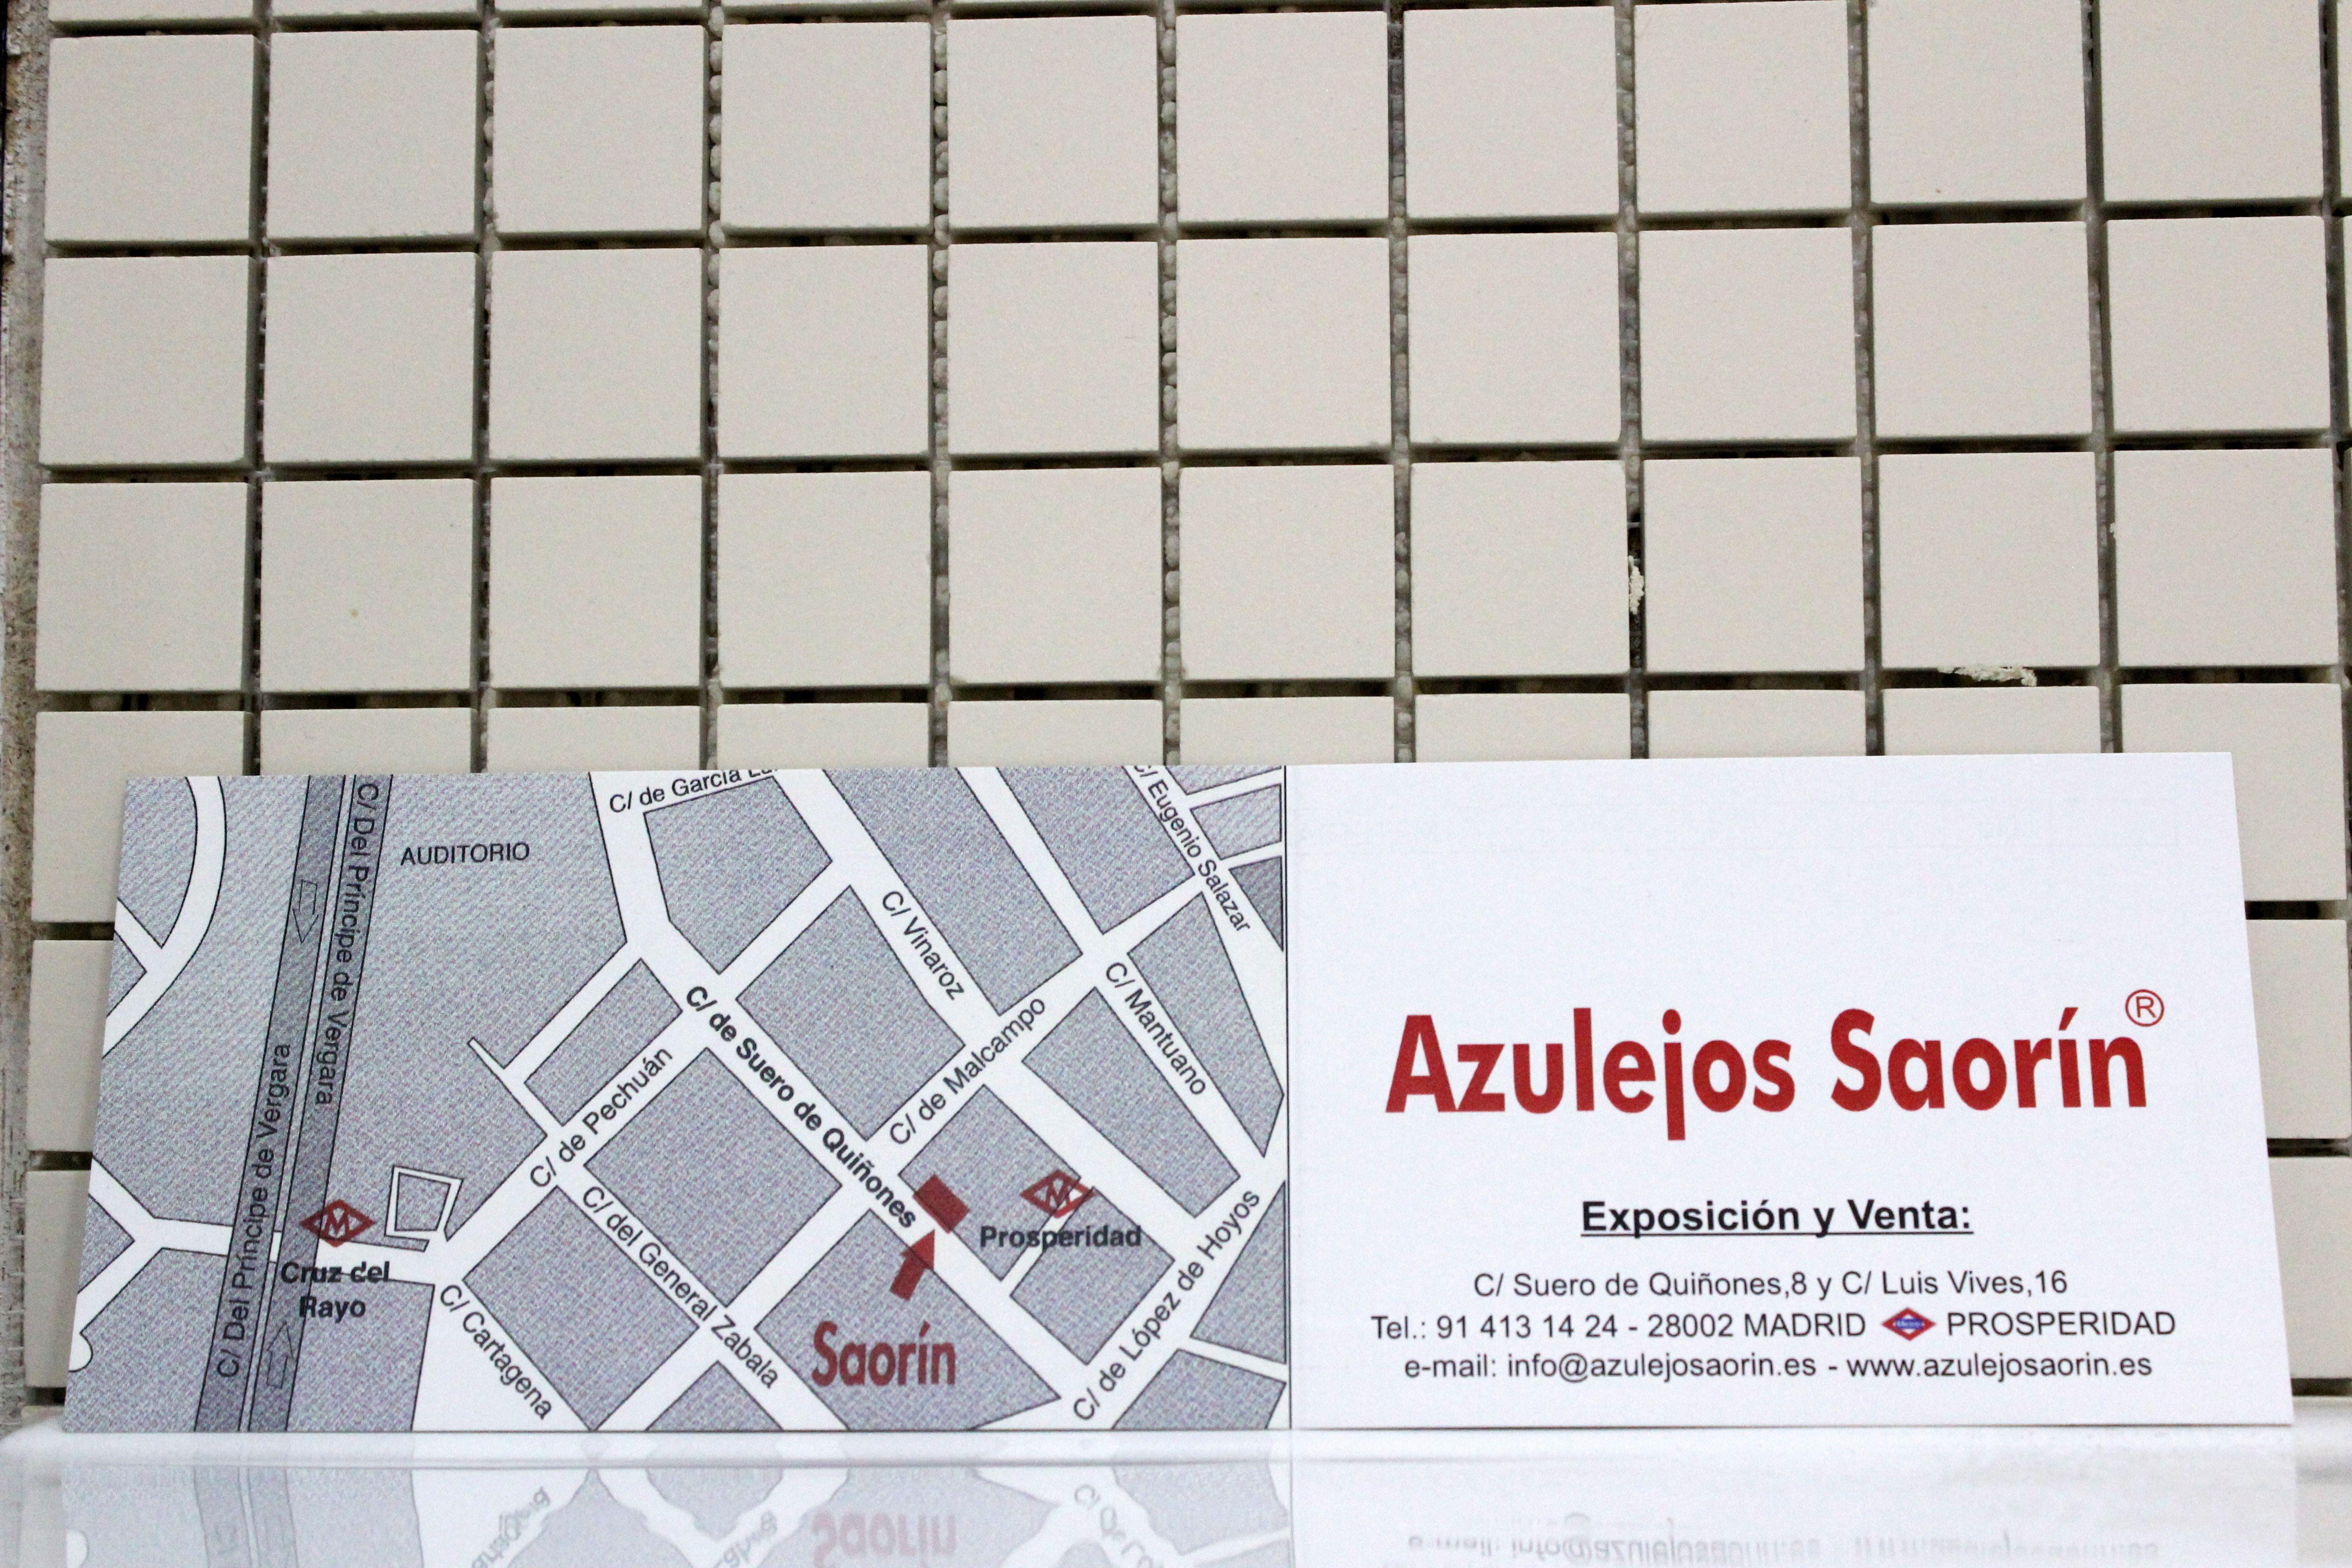 Foto 10 de Azulejos, pavimentos y baldosas cerámicas en Madrid | Azulejos Saorín